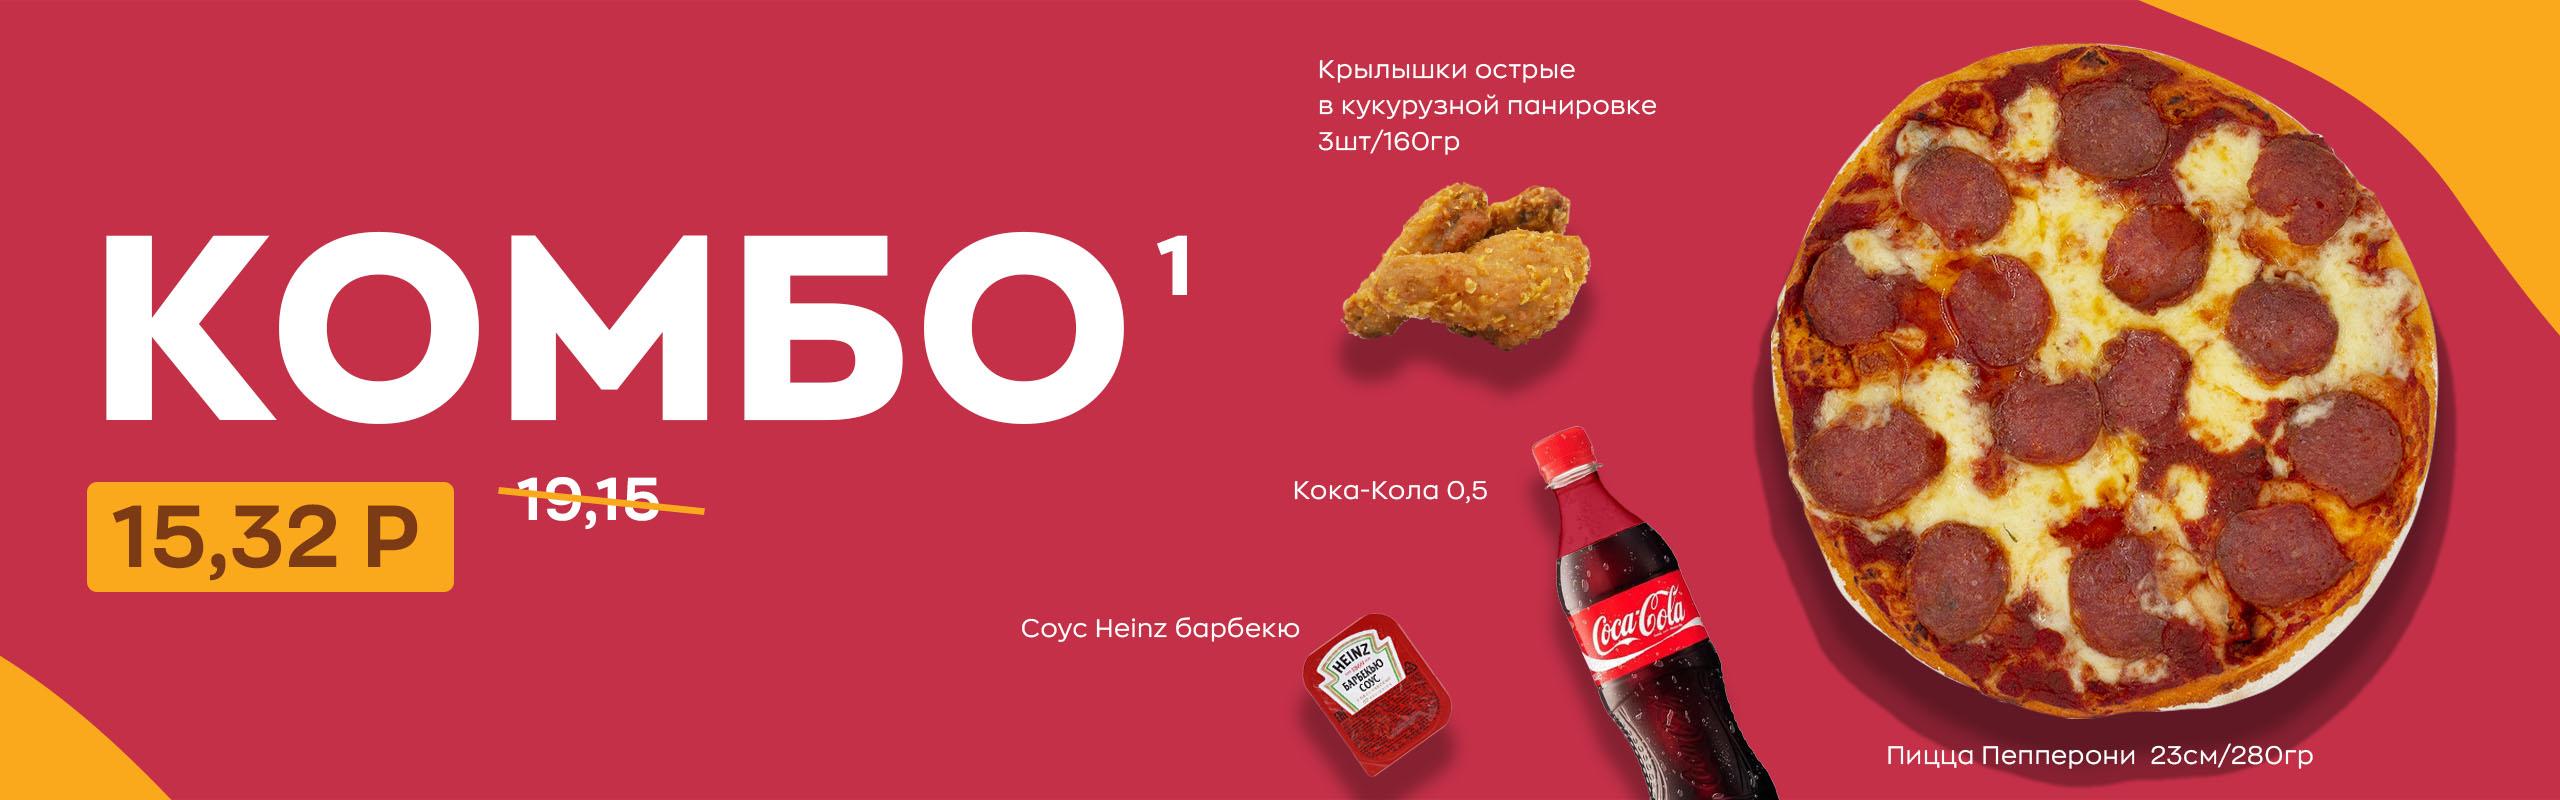 kombo_1_ew